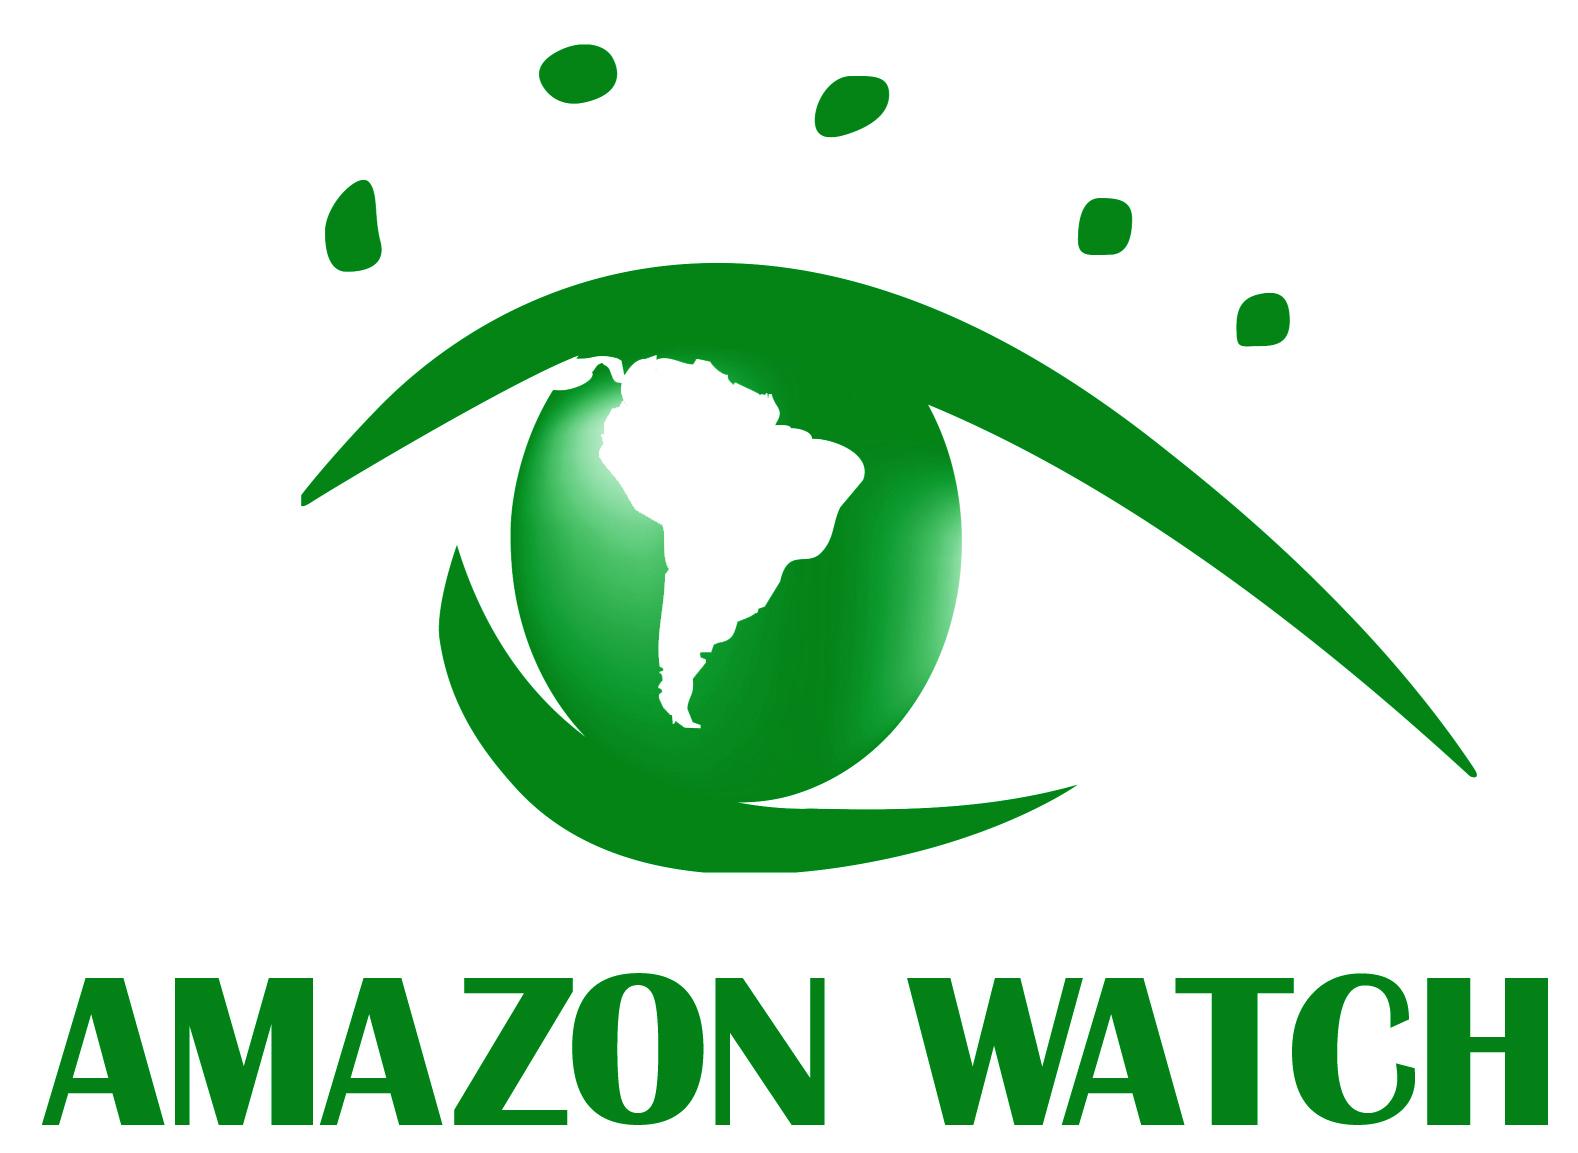 Amazon Watch (1).jpeg